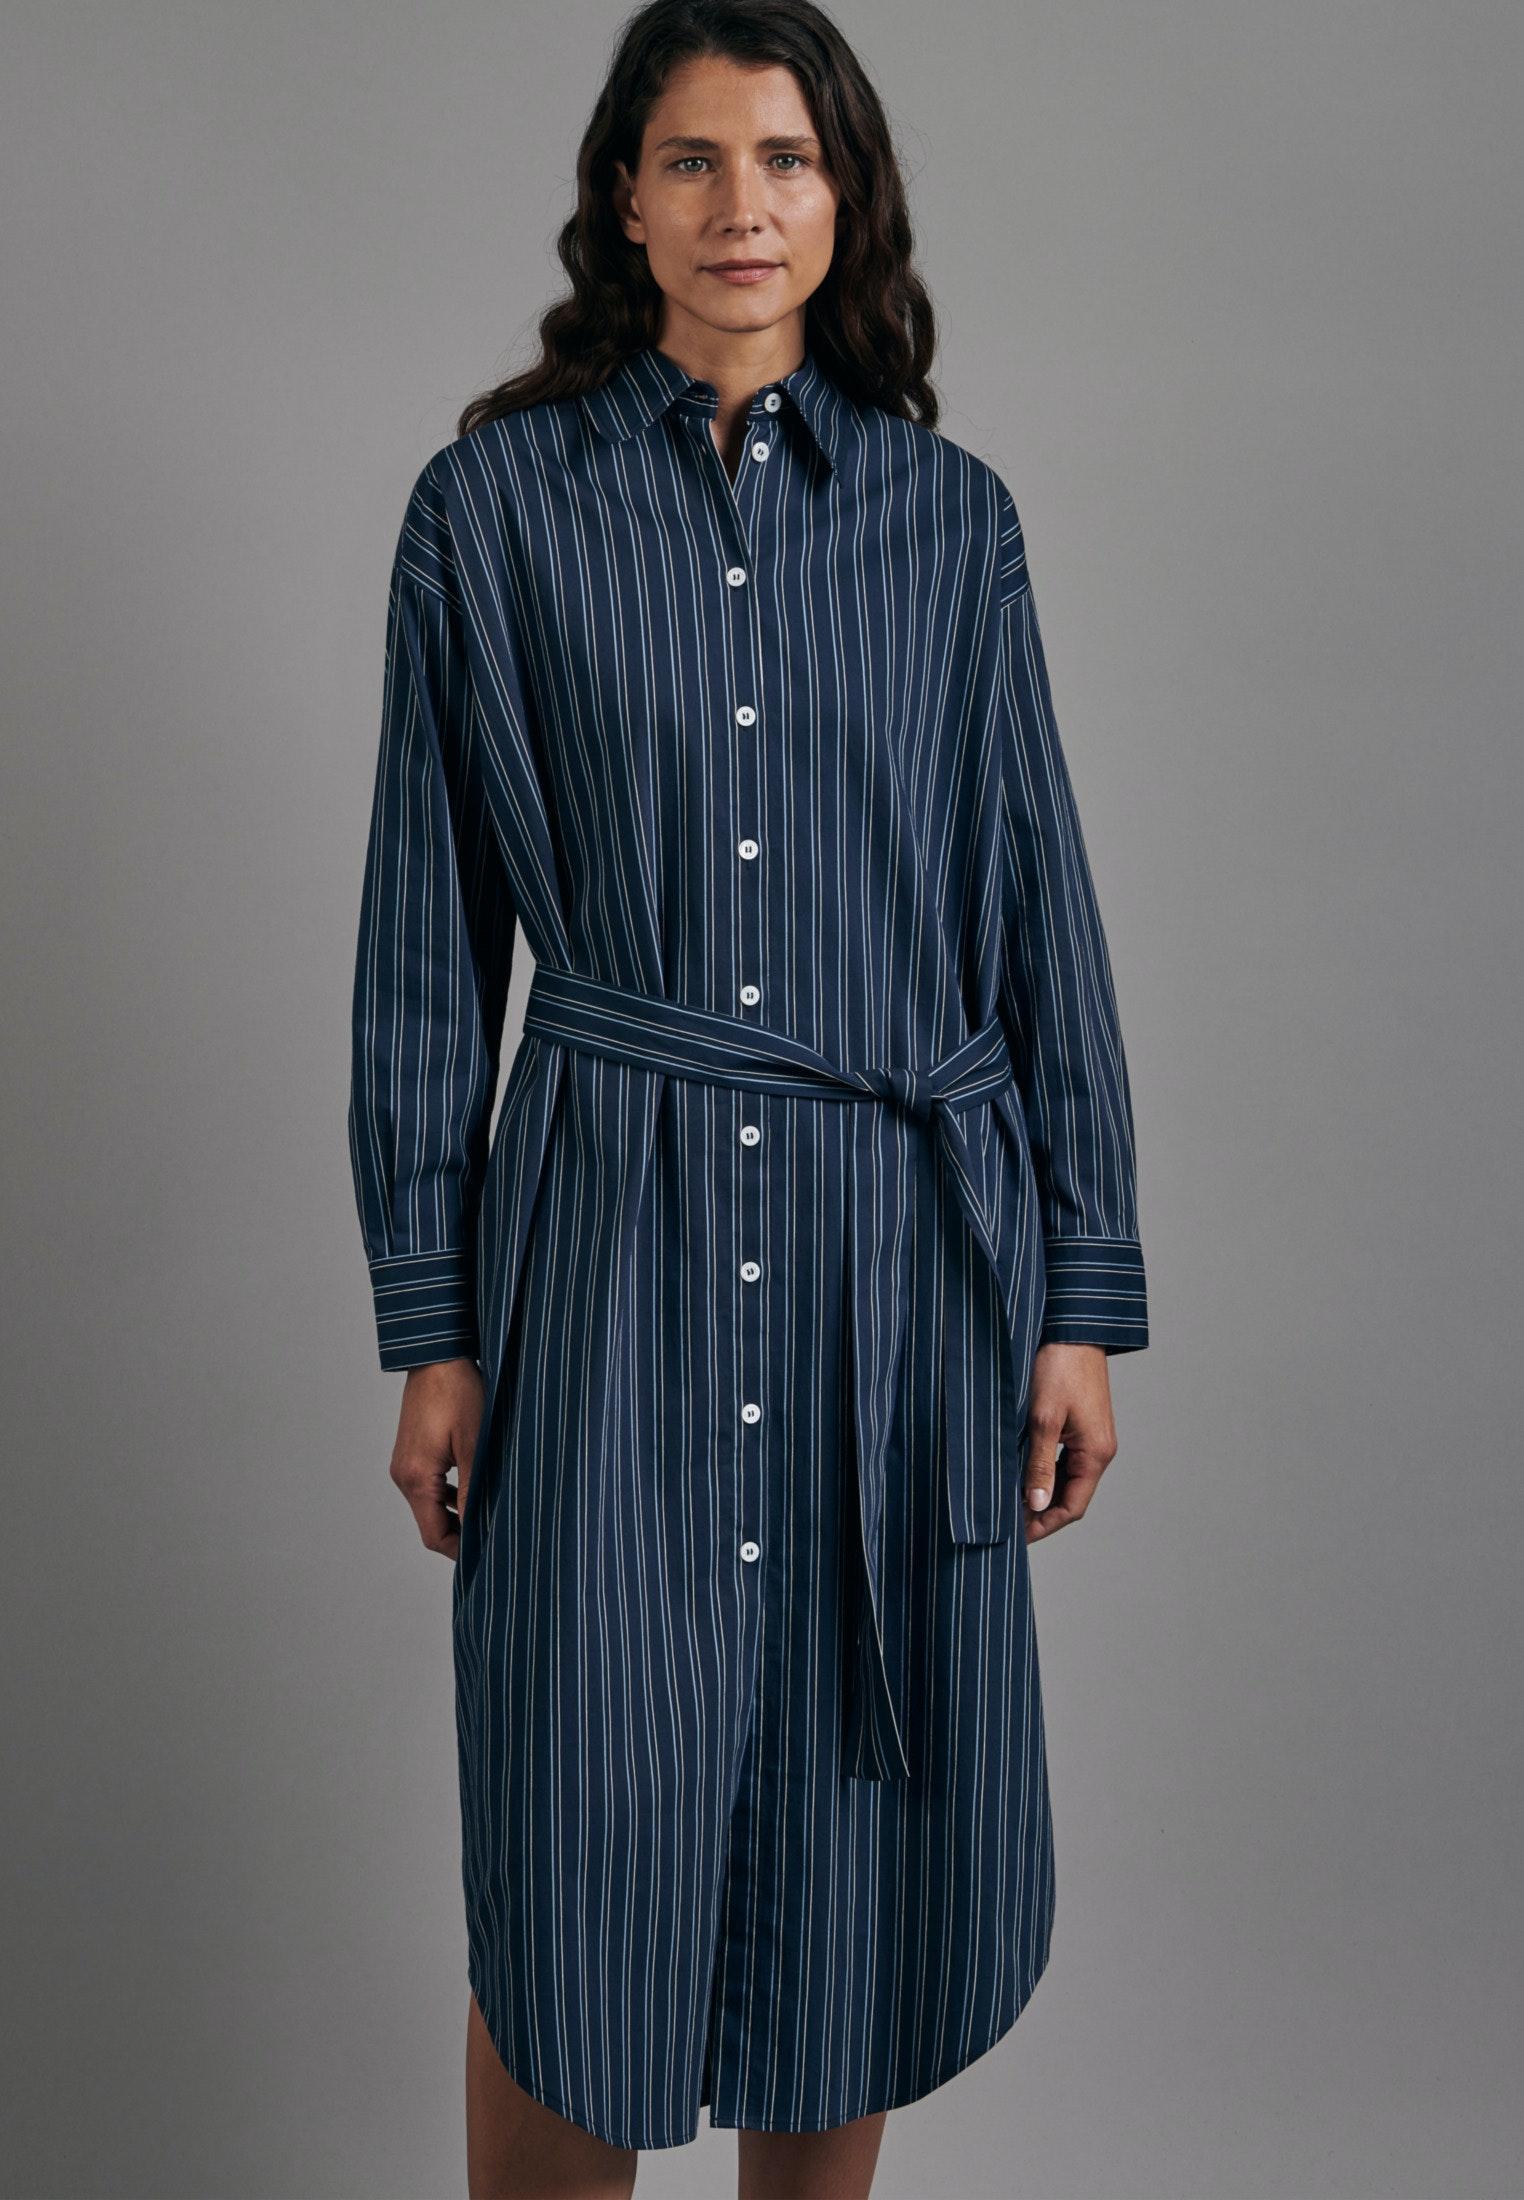 Artikel klicken und genauer betrachten! - Dieses langärmelige Fashion-Blusenkleid von Seidensticker zeigt coolen Chic mit dem gewissen Etwas. Der travers gestreifte Popeline-Stoff aus Viskose und Polyamid sorgt für ein leichtes Tragegefühl. Oversized geschnitten fällt er lässig über die Schultern und lässt sich variabel mit dem Taillengurt binden. Perlmutt-Knöpfe komplettieren dieses smarte Kleid.   im Online Shop kaufen